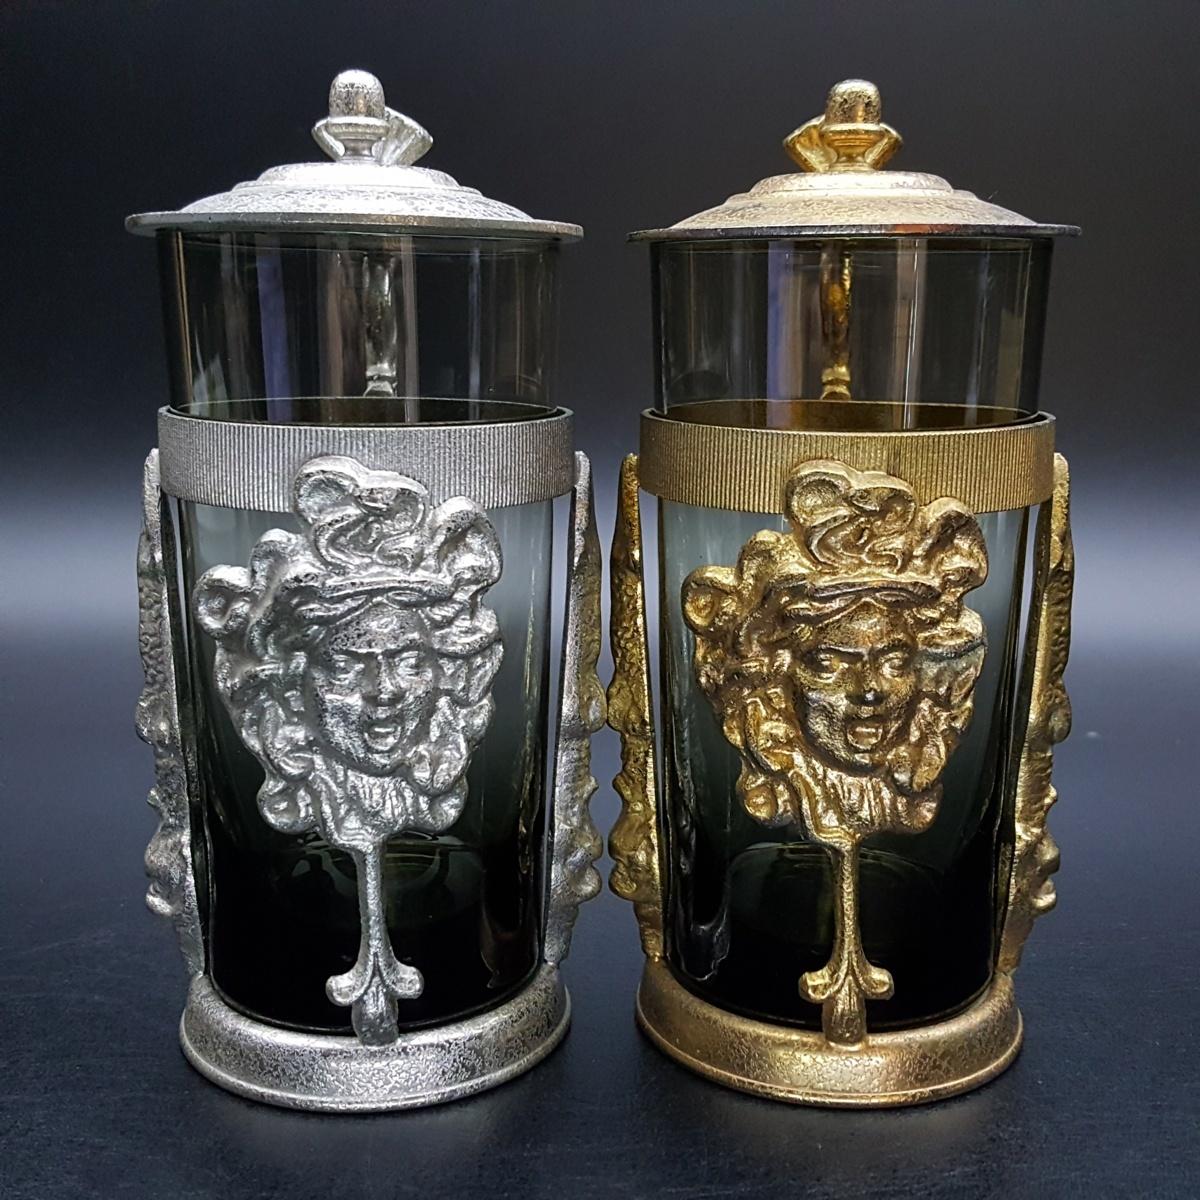 【宝蔵】アンティーク メデューサ メドゥーサ 金銀一対 蓋付グラス 一組 カップ コップ_画像2